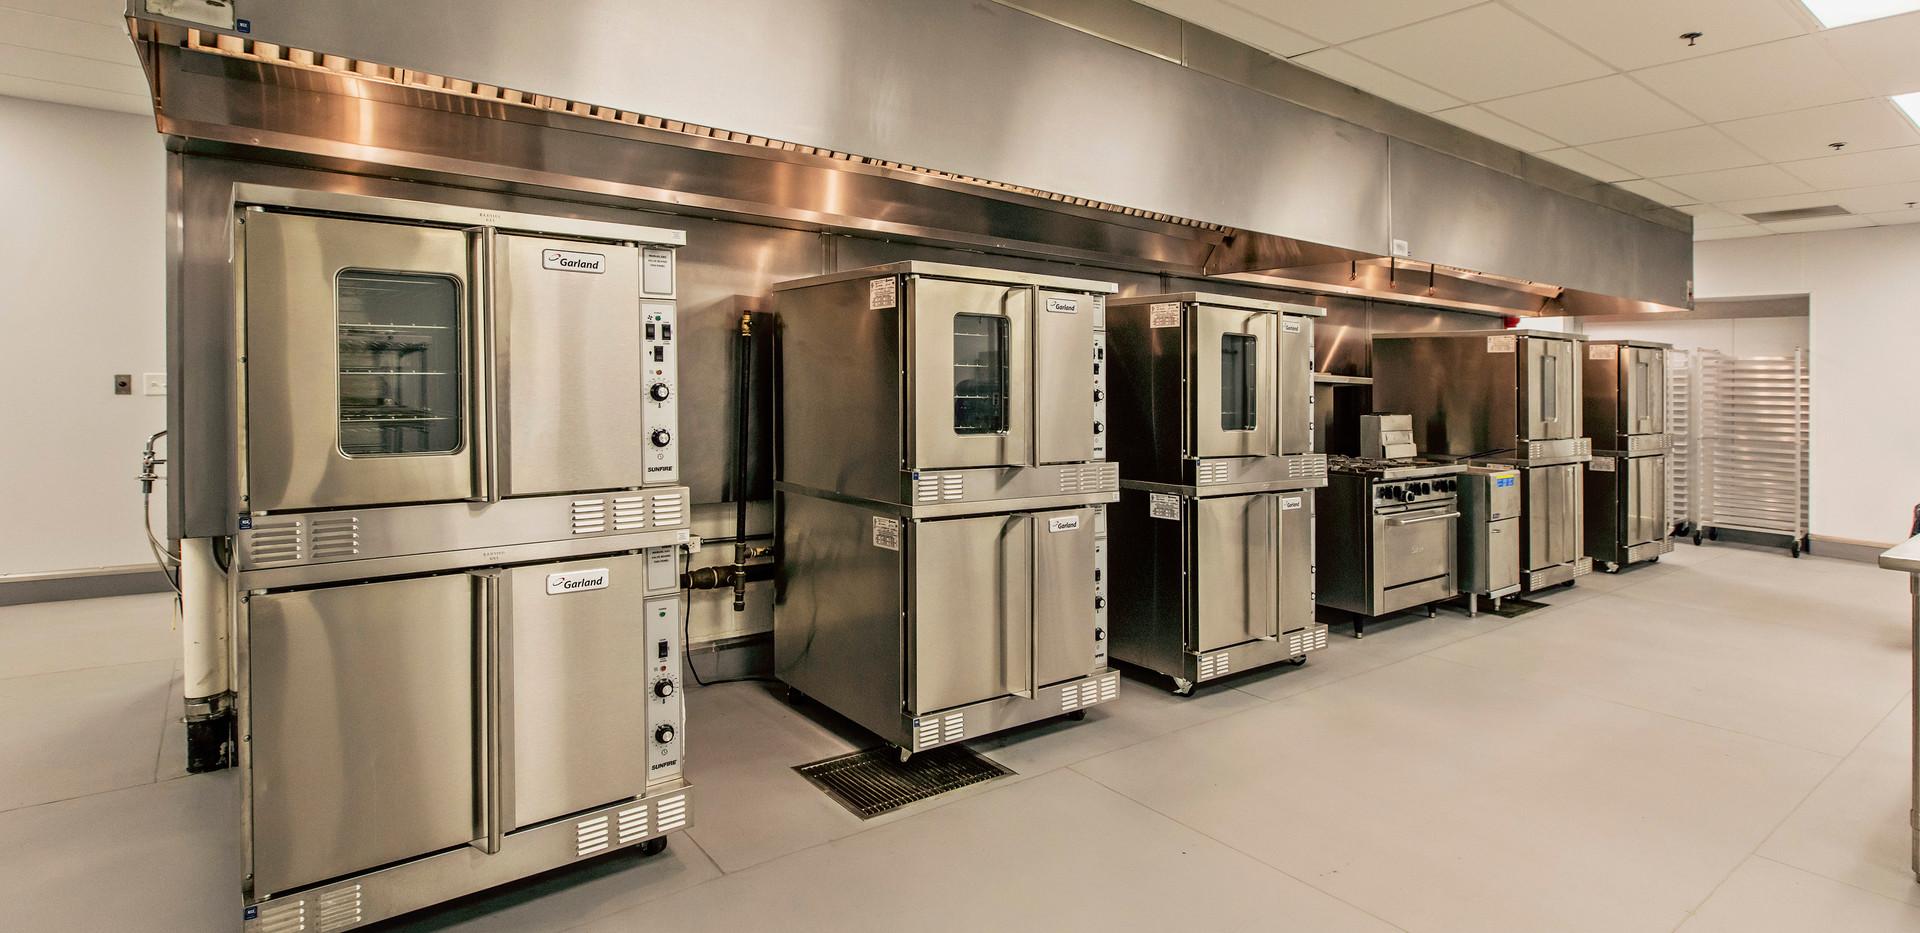 chefspace-059.jpg